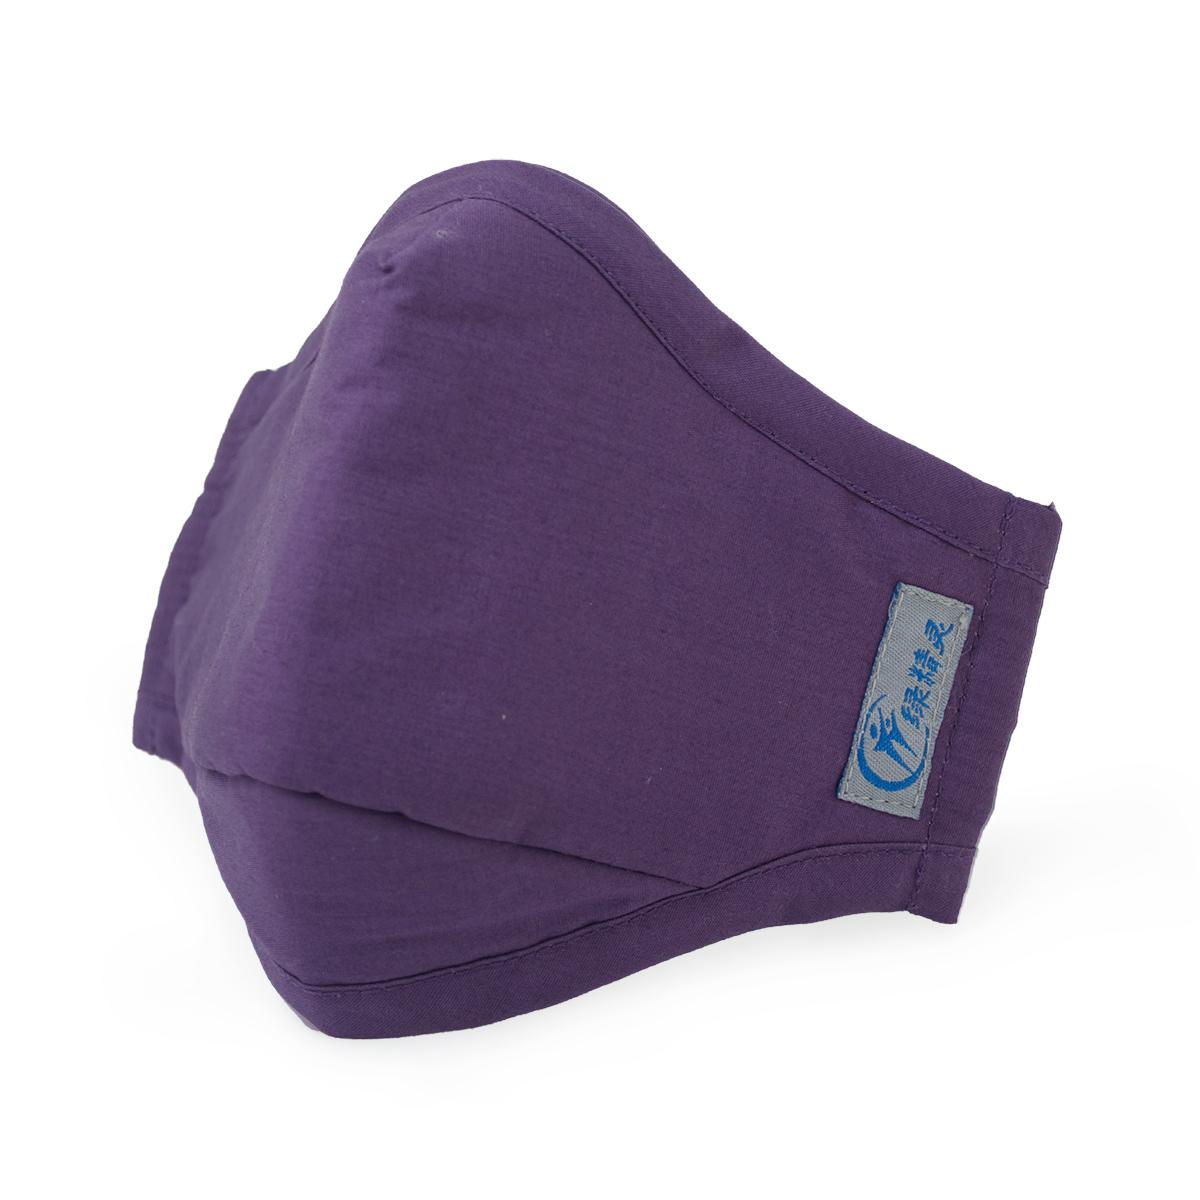 绿精灵PM2.5抗菌口罩 防雾霾防尘防晒防紫外线防流感有效防止鼻炎